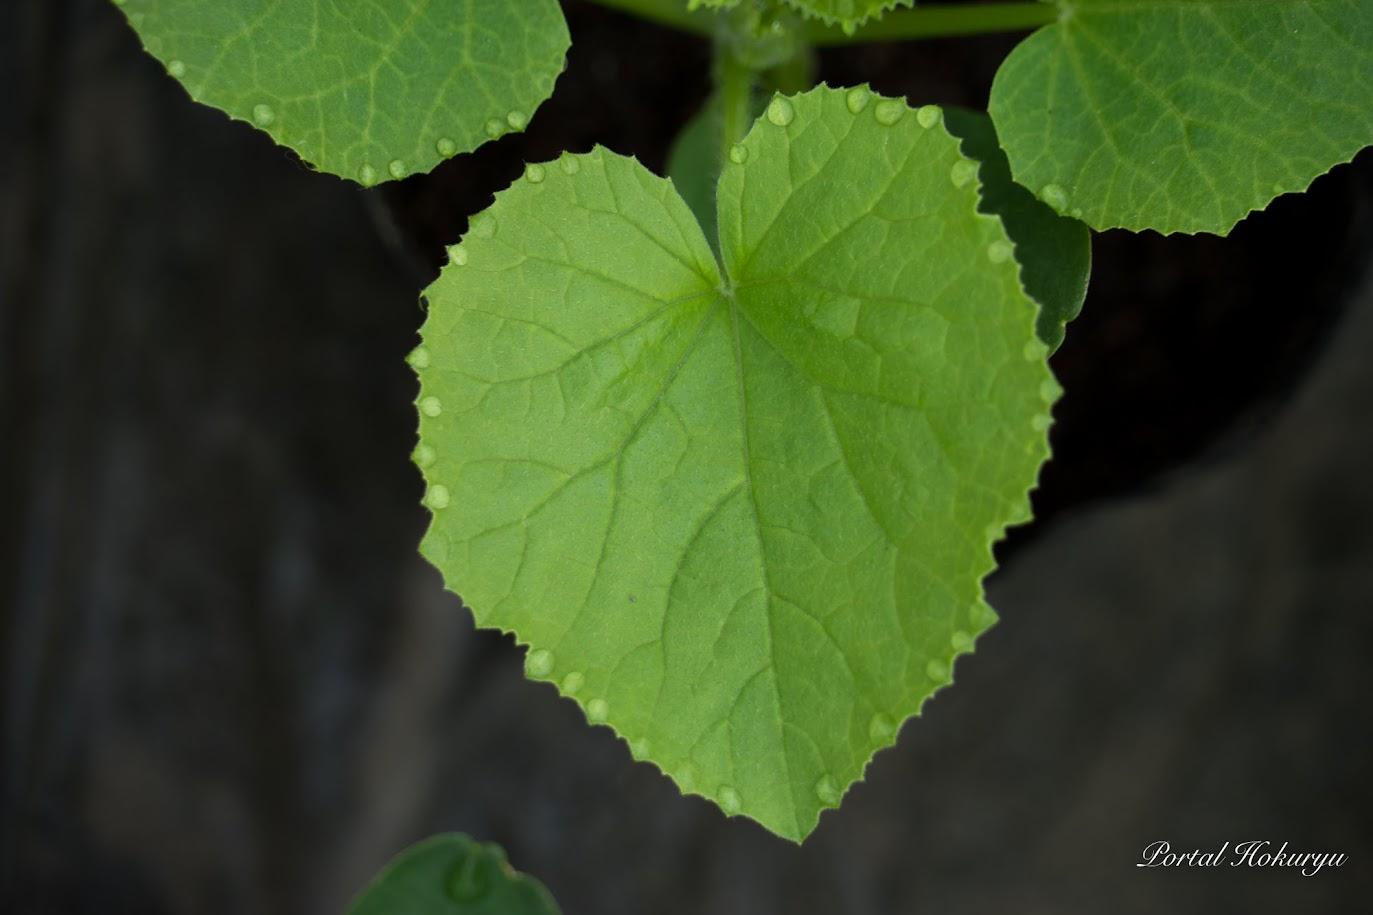 葉っぱのまわりを飾る水滴